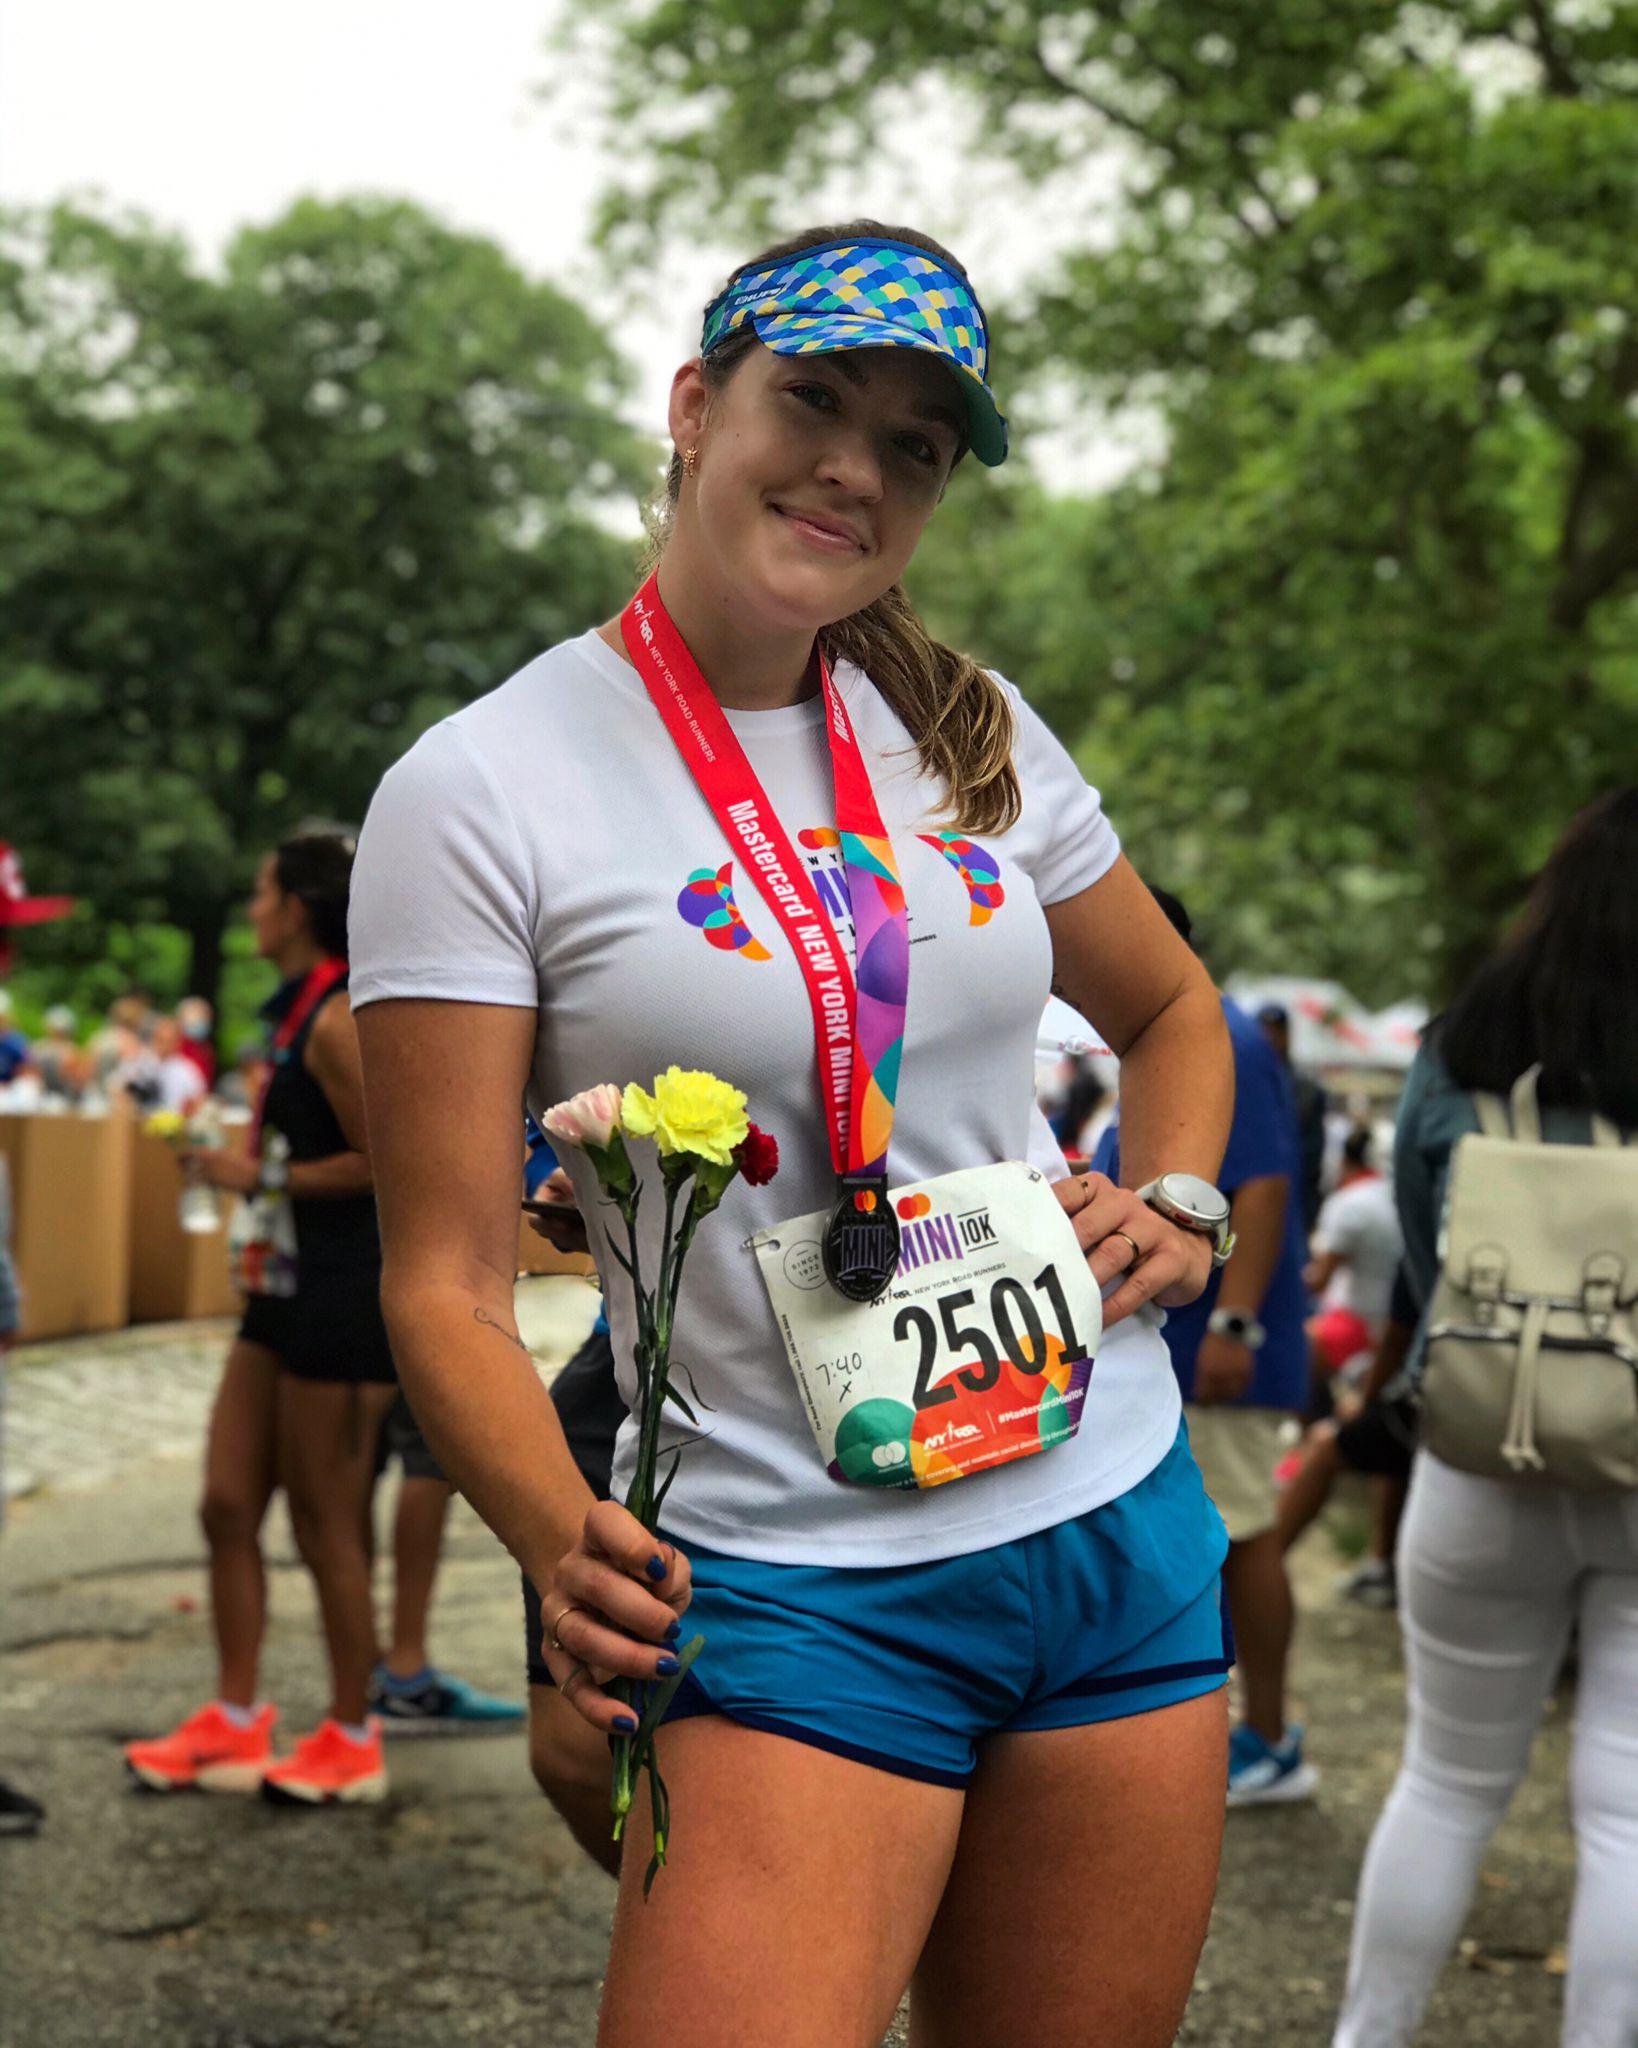 NY Mini 10km: brasileira correu a prova em Nova York e nos contou como foi